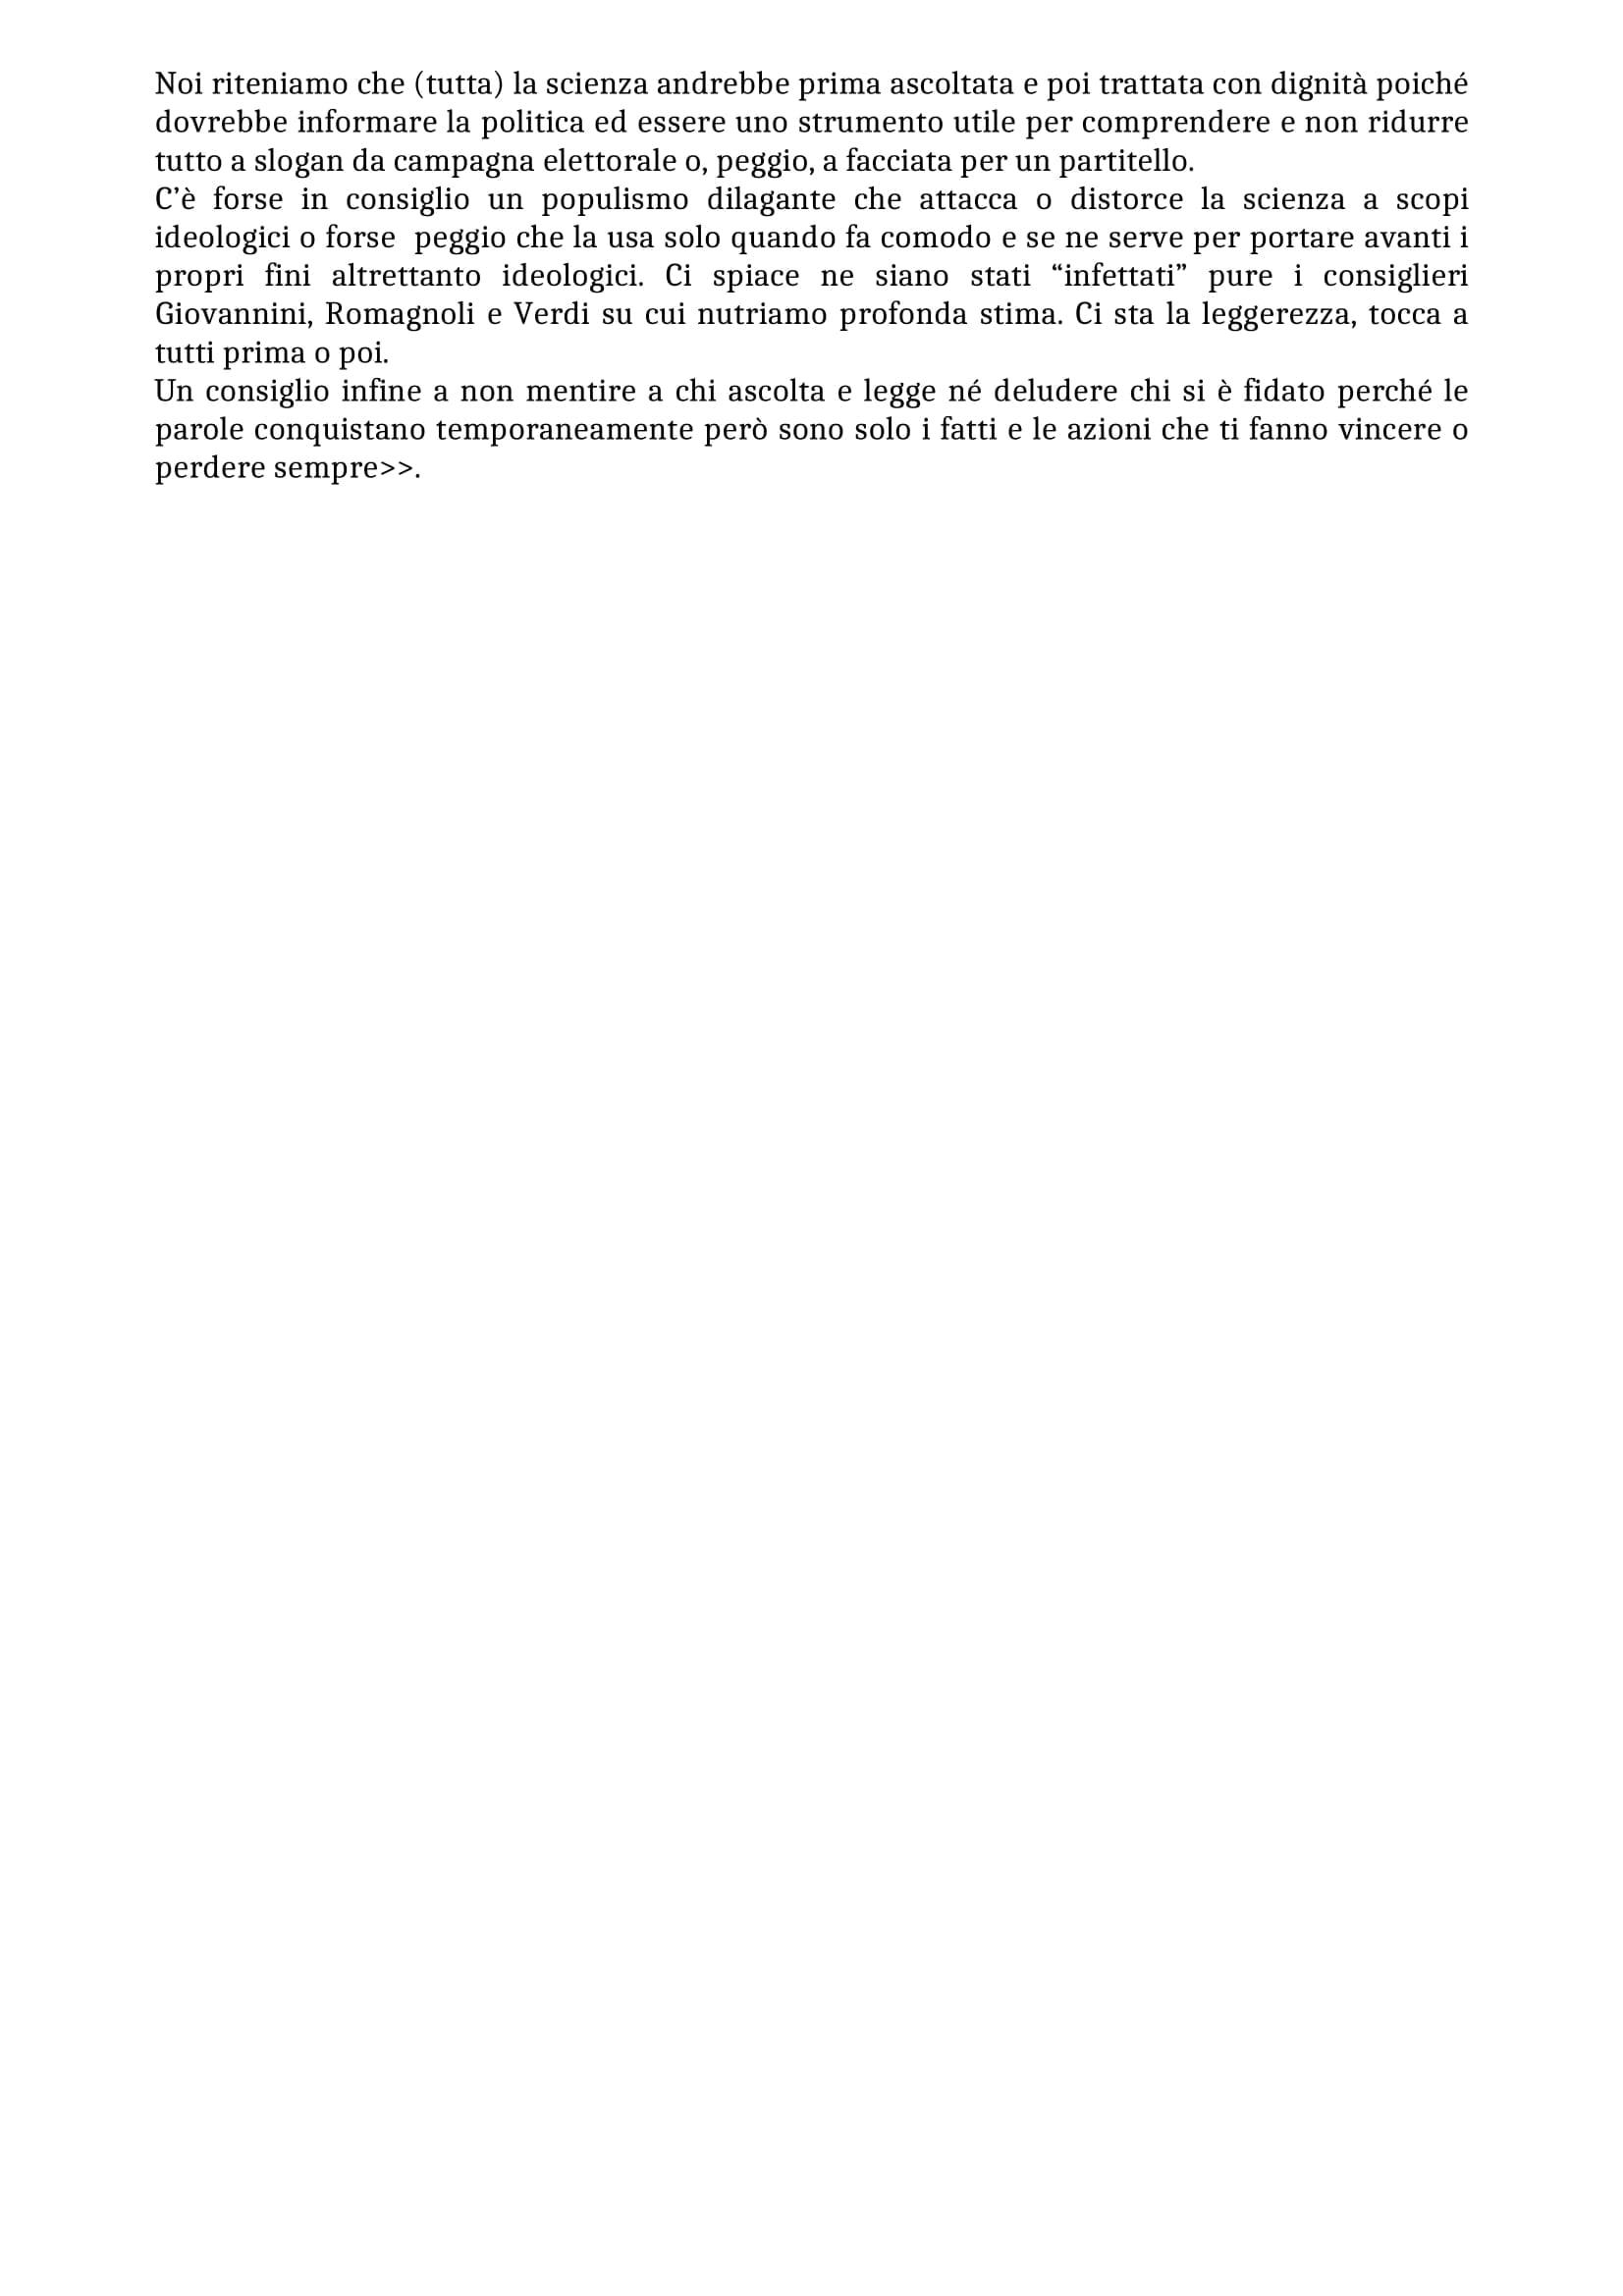 Comunicato Stampa Lega (pag. 2)